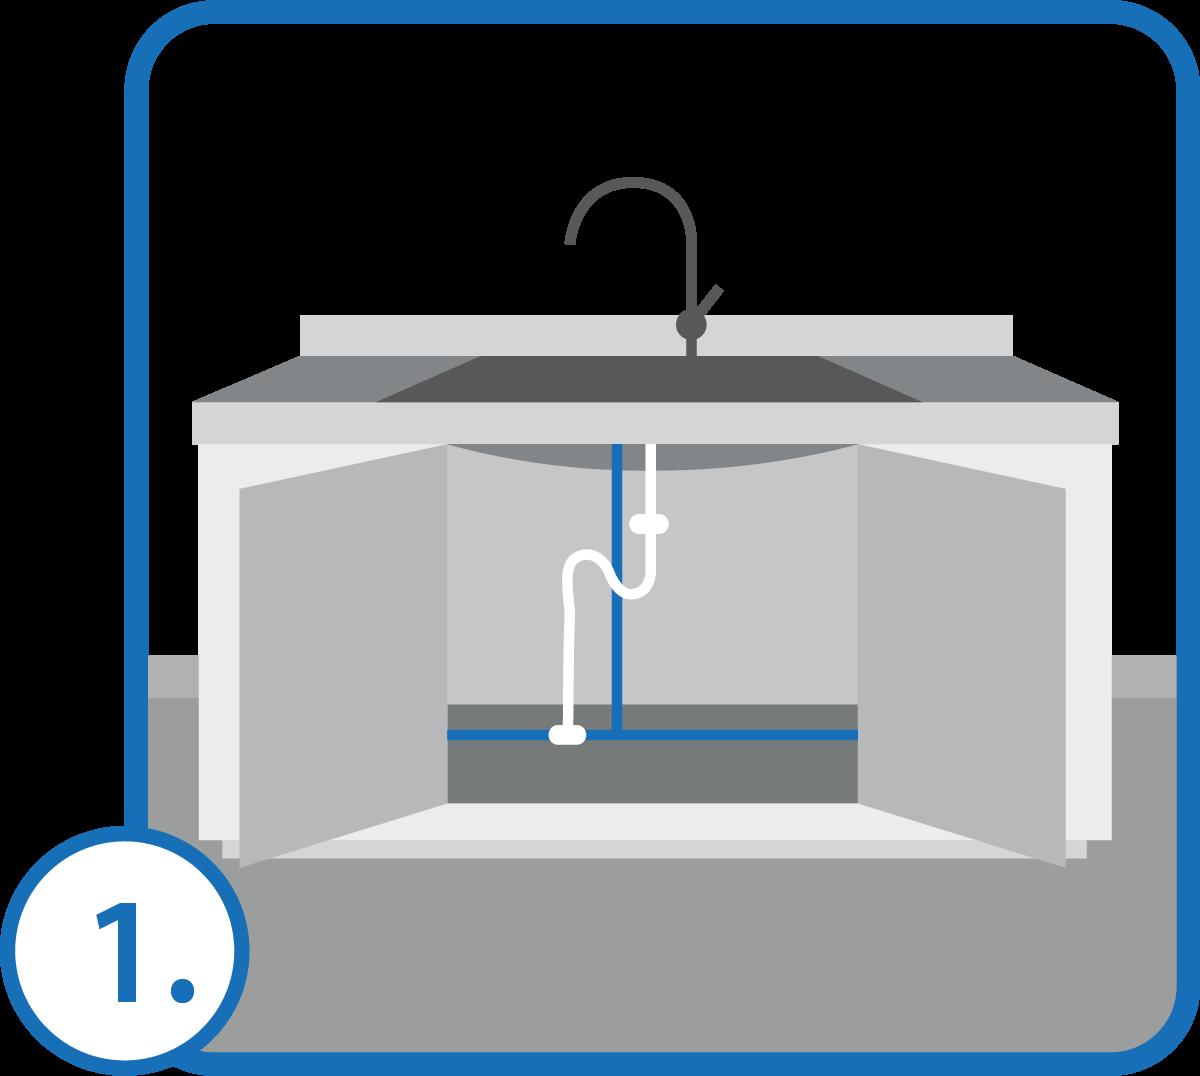 Znajdujemy najbliższe źródło wody, do którego się podłączamy za pomocą trójnika.